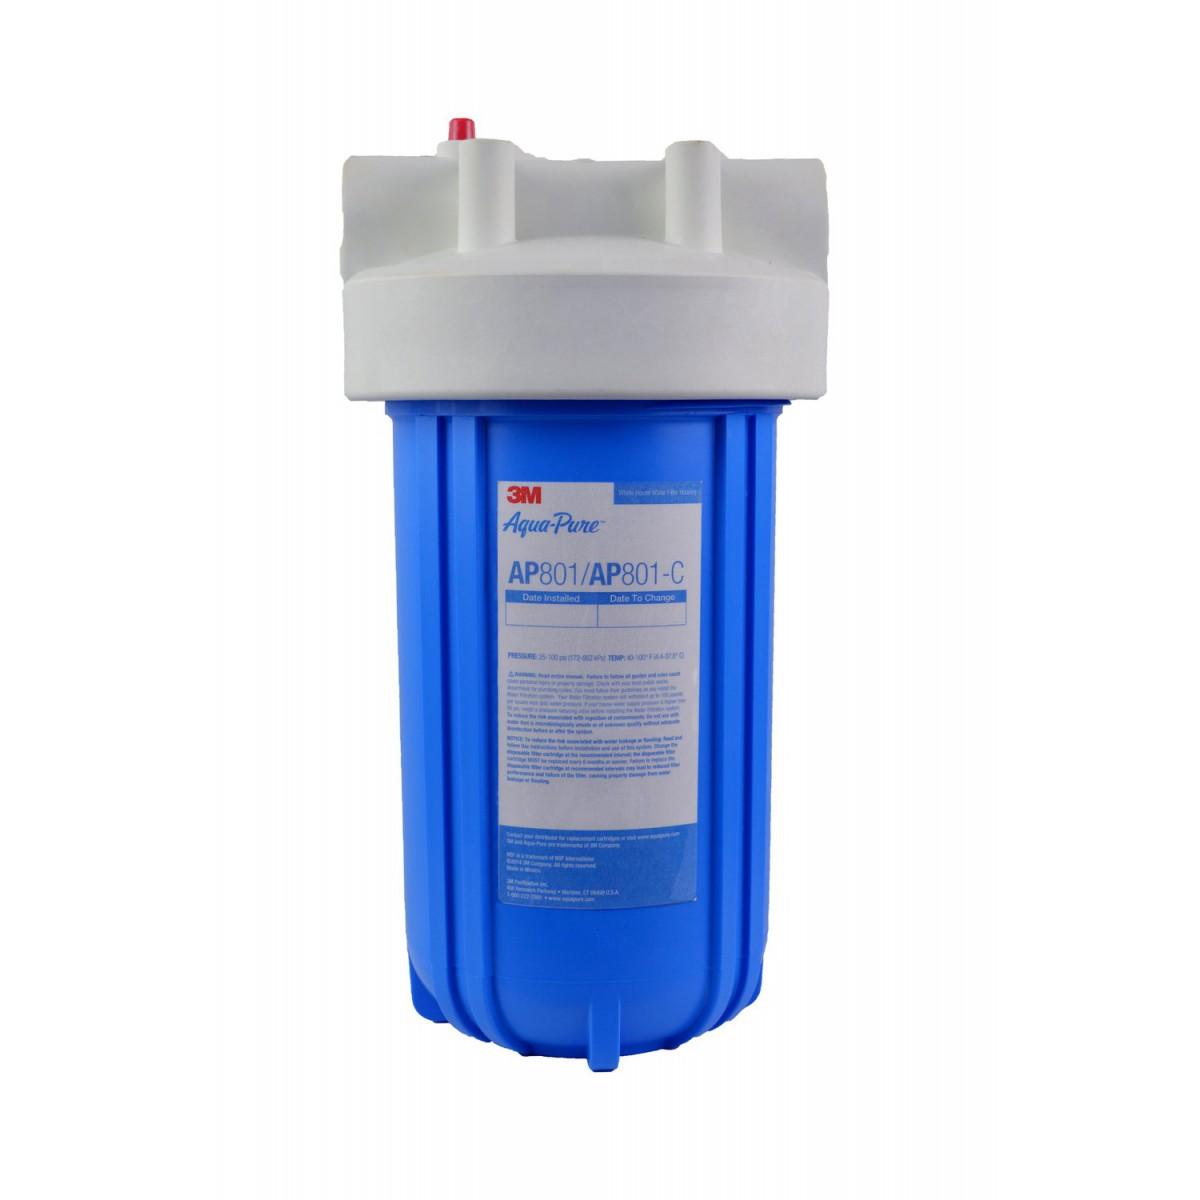 Aqua Pure Ap801 Filter